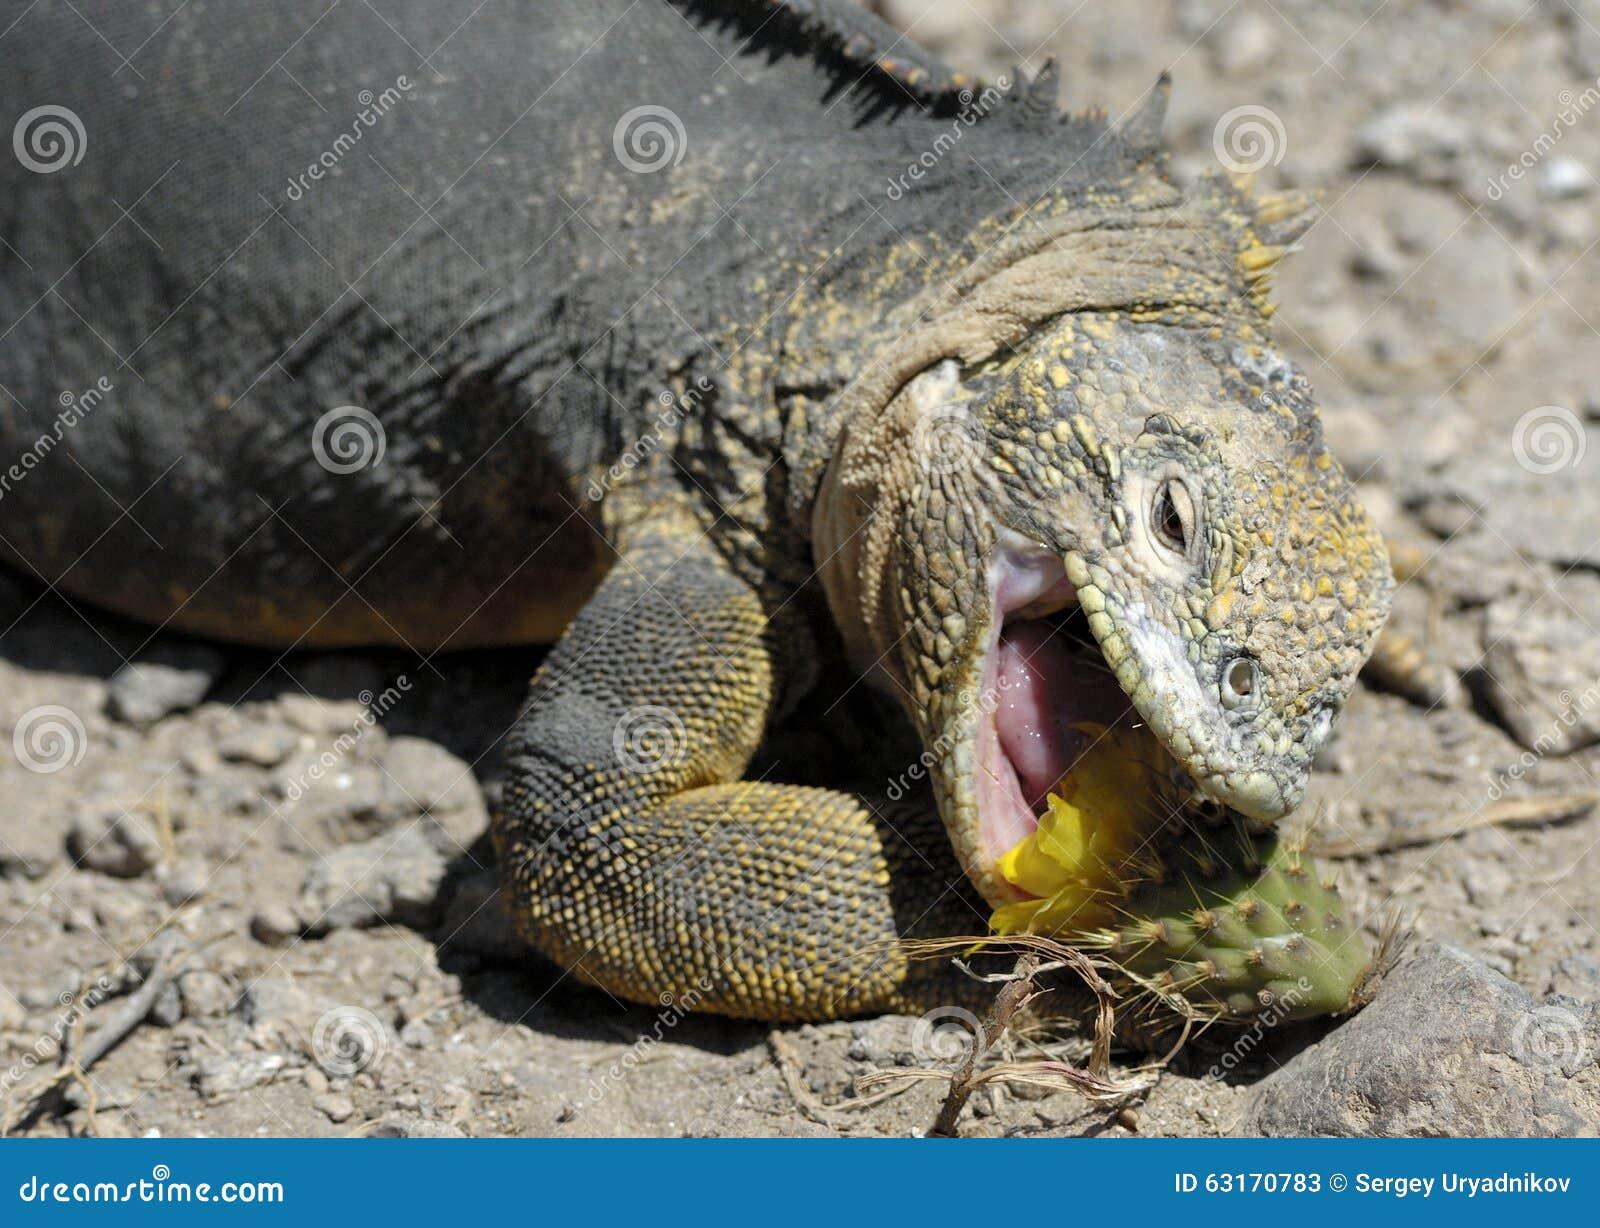 Scherpe maaltijd de landleguaan die vijgcactus eten de galapagos landen leguaan conolophus - Eiland maaltijd ...